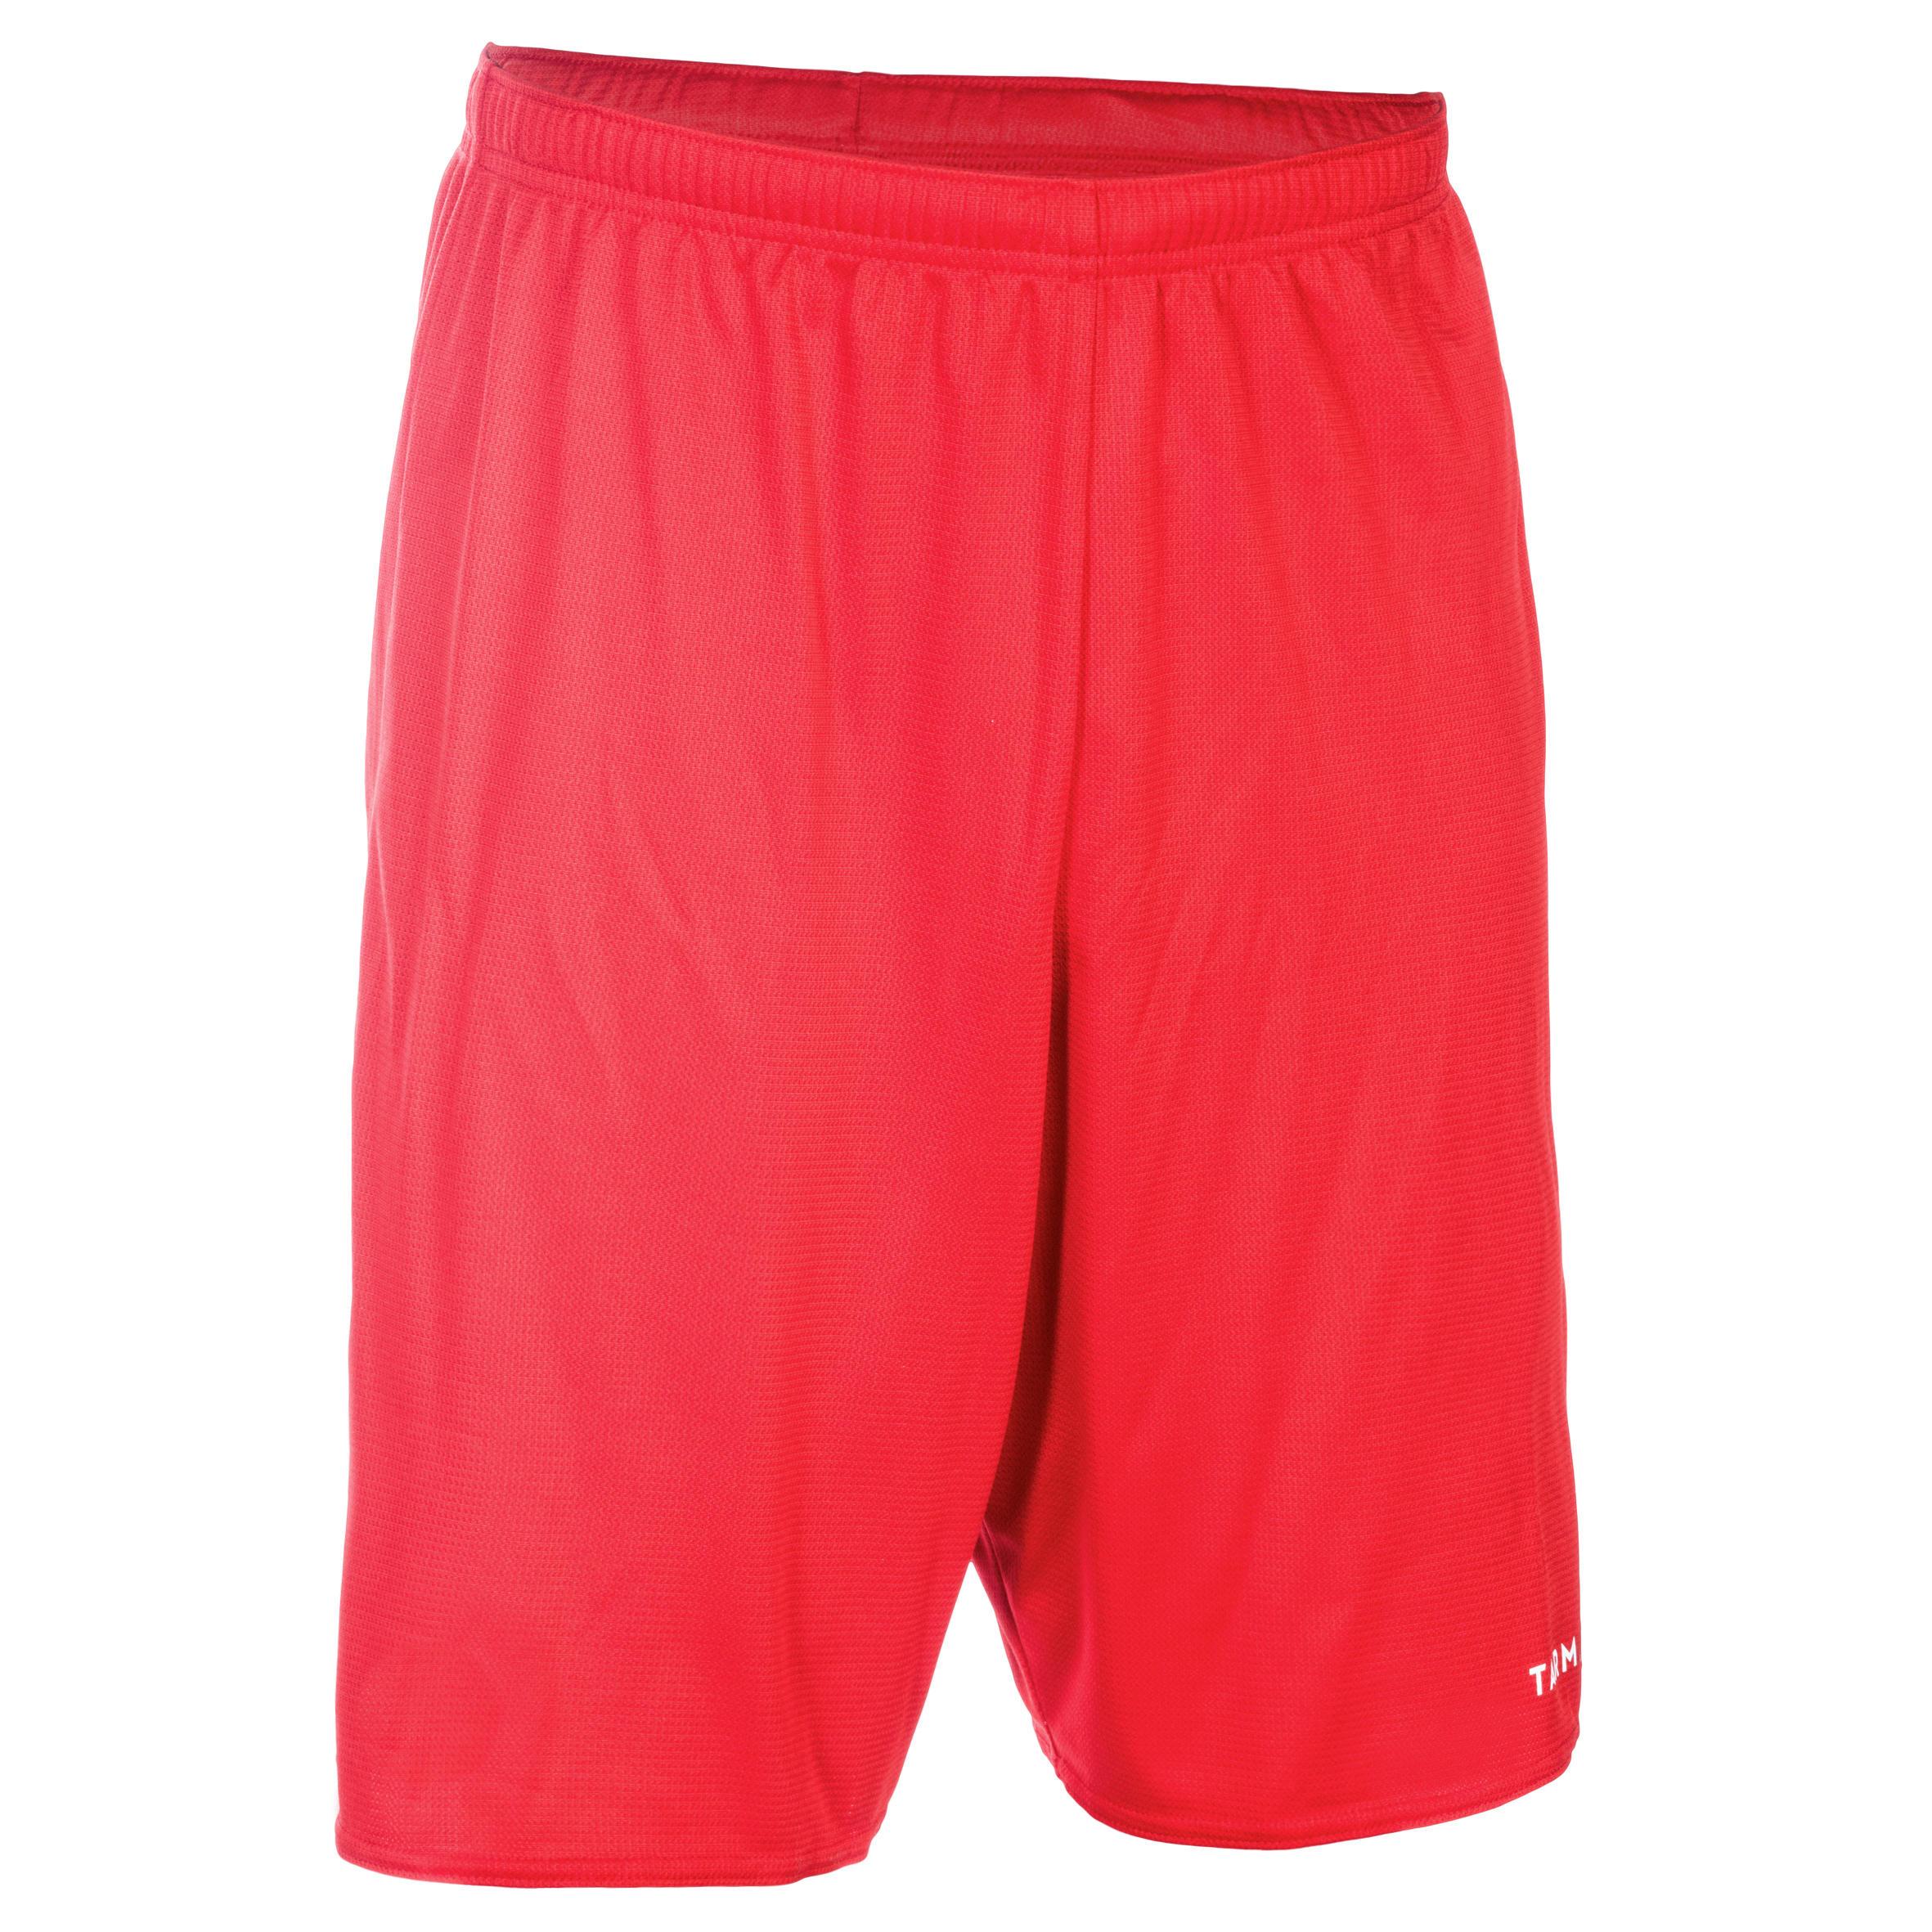 Basketballshorts SH100 Herren   Sportbekleidung > Sporthosen > Basketballshorts   Tarmak